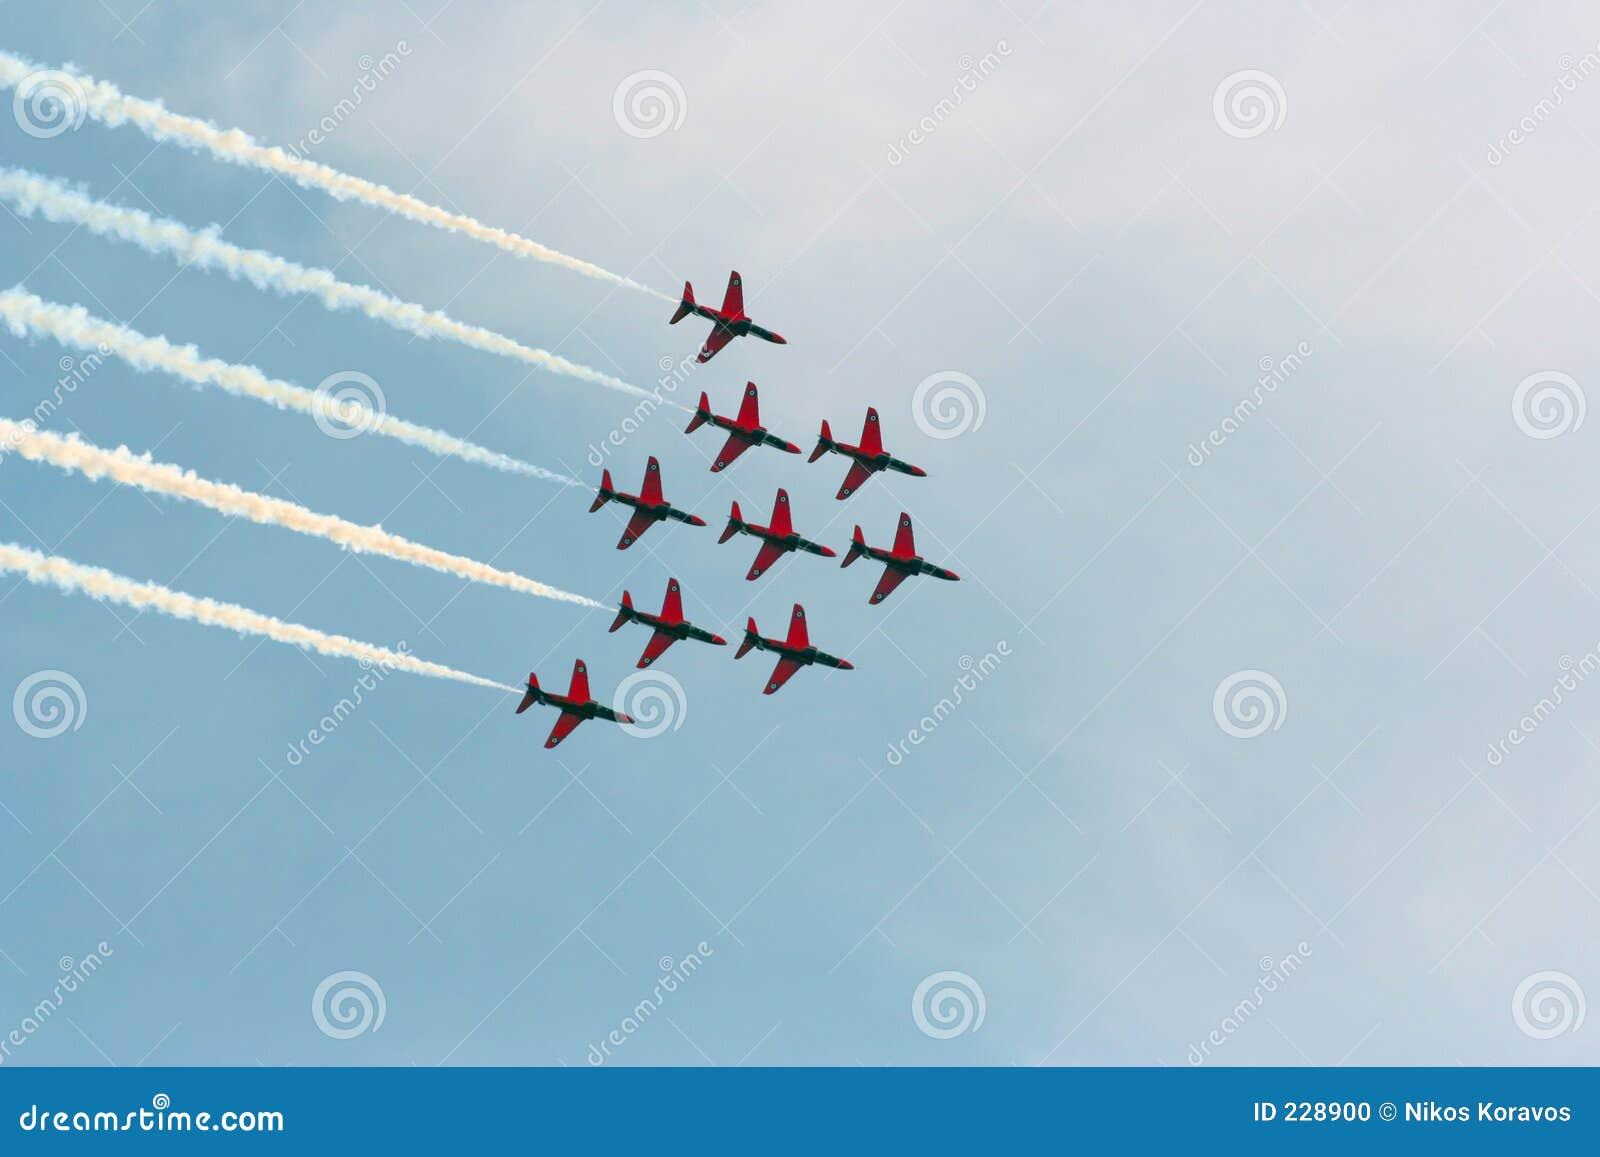 航空箭头红色显示